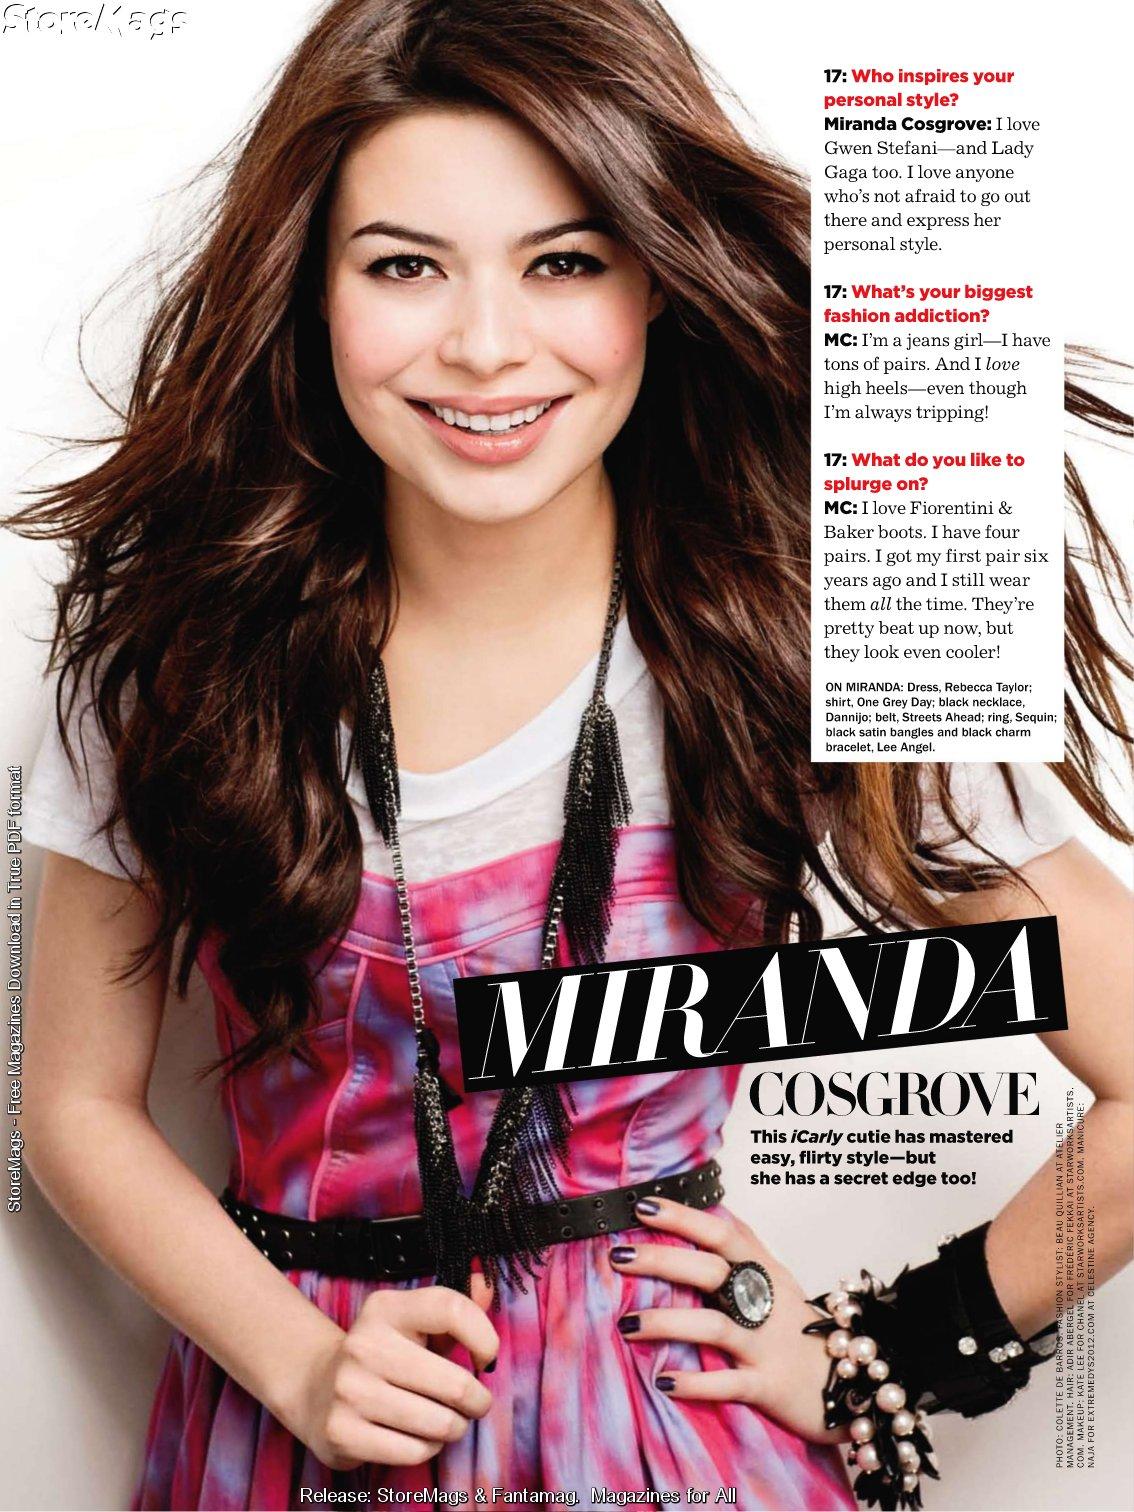 Seventeen's Style Stars Of 2010   Miranda Cosgrove & Victoria